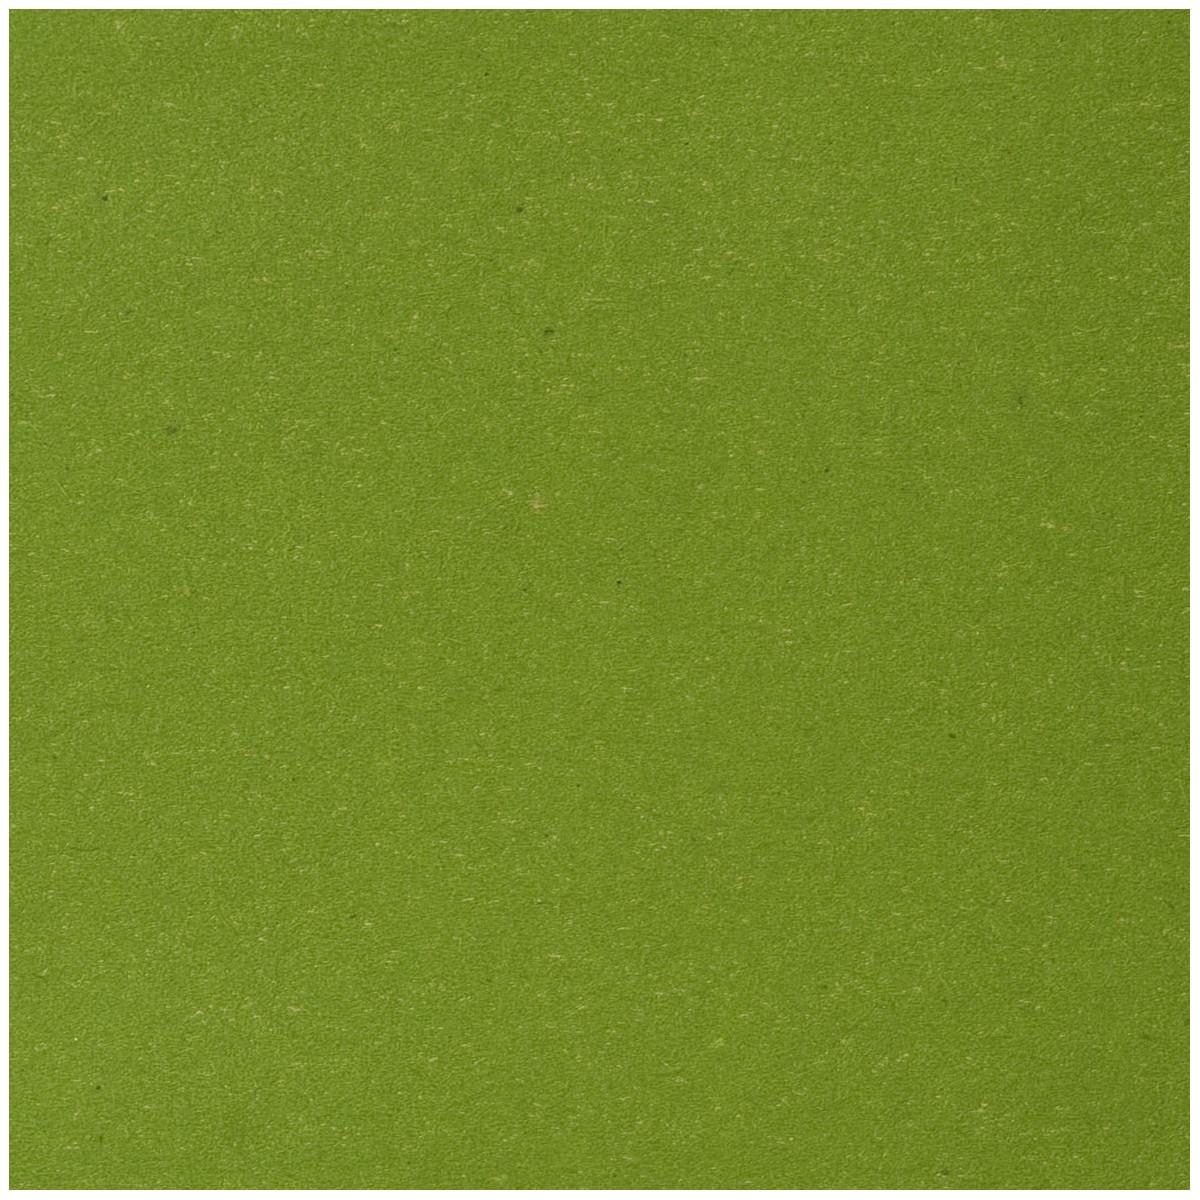 Carta Paglia ECOCHIC Gr.85 Fogli Cm.70x100 Colori Tinta Unita Verde